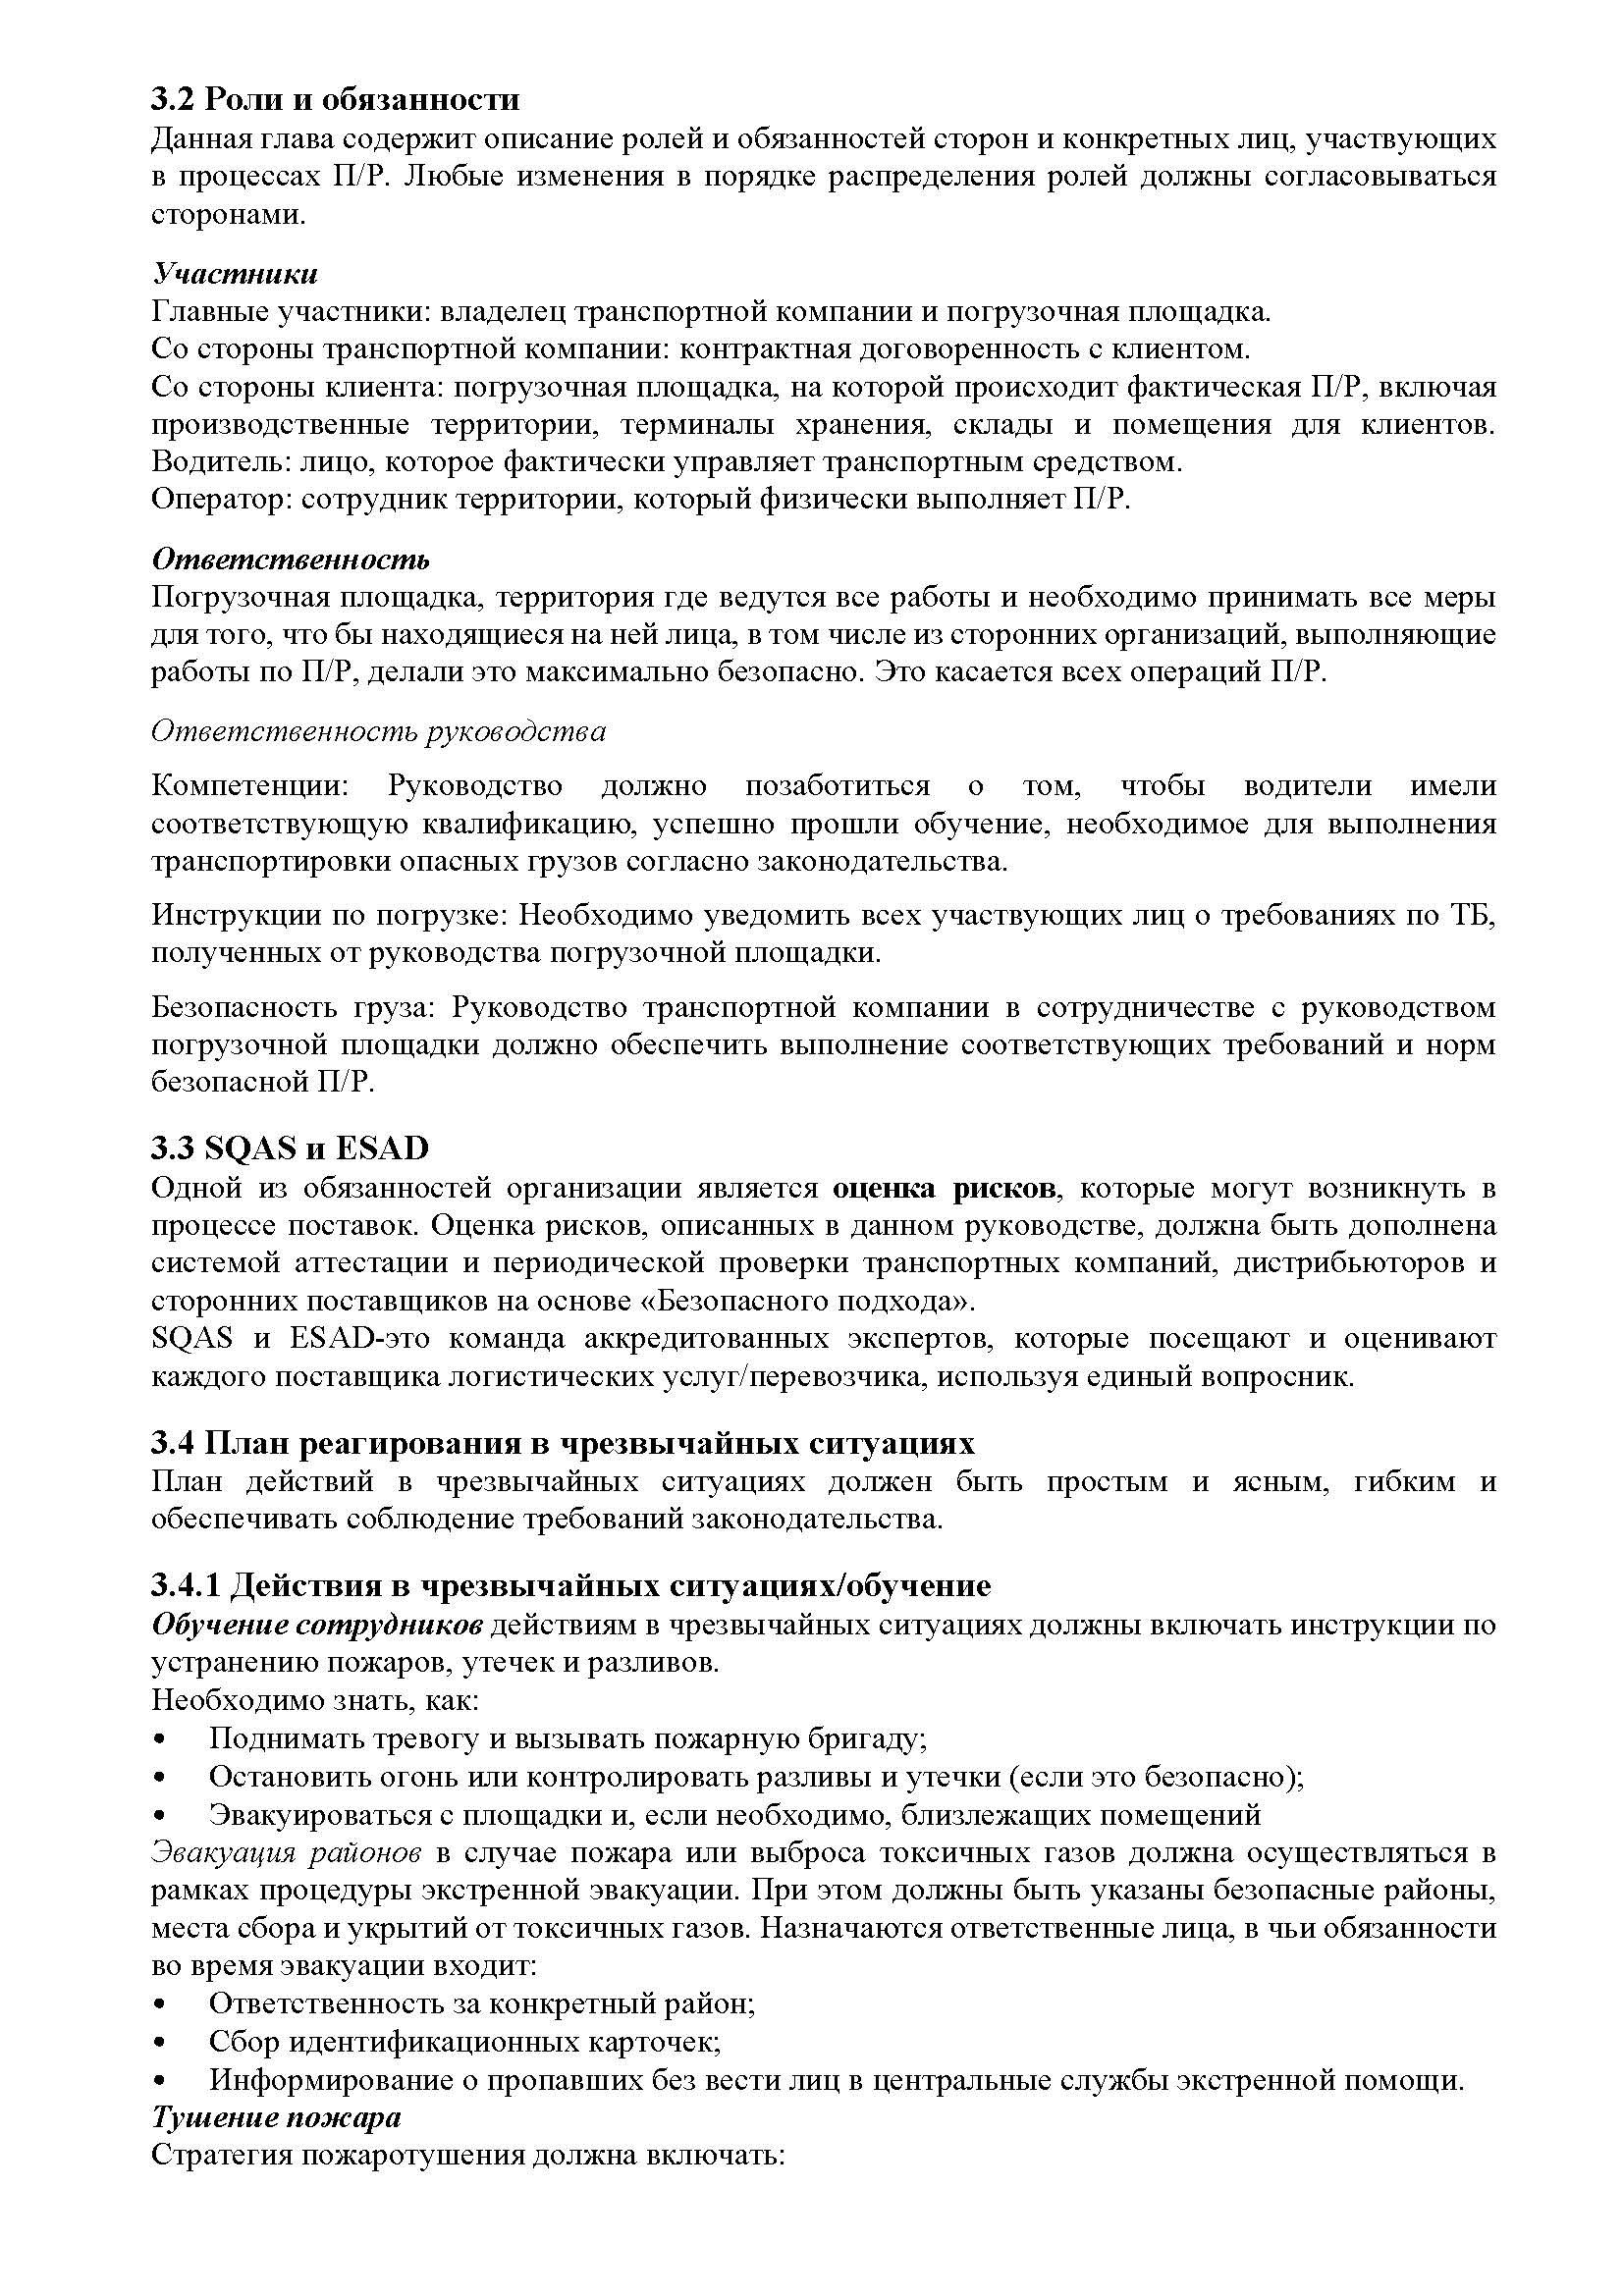 bezopasnoy_pogruzki_razgruzki